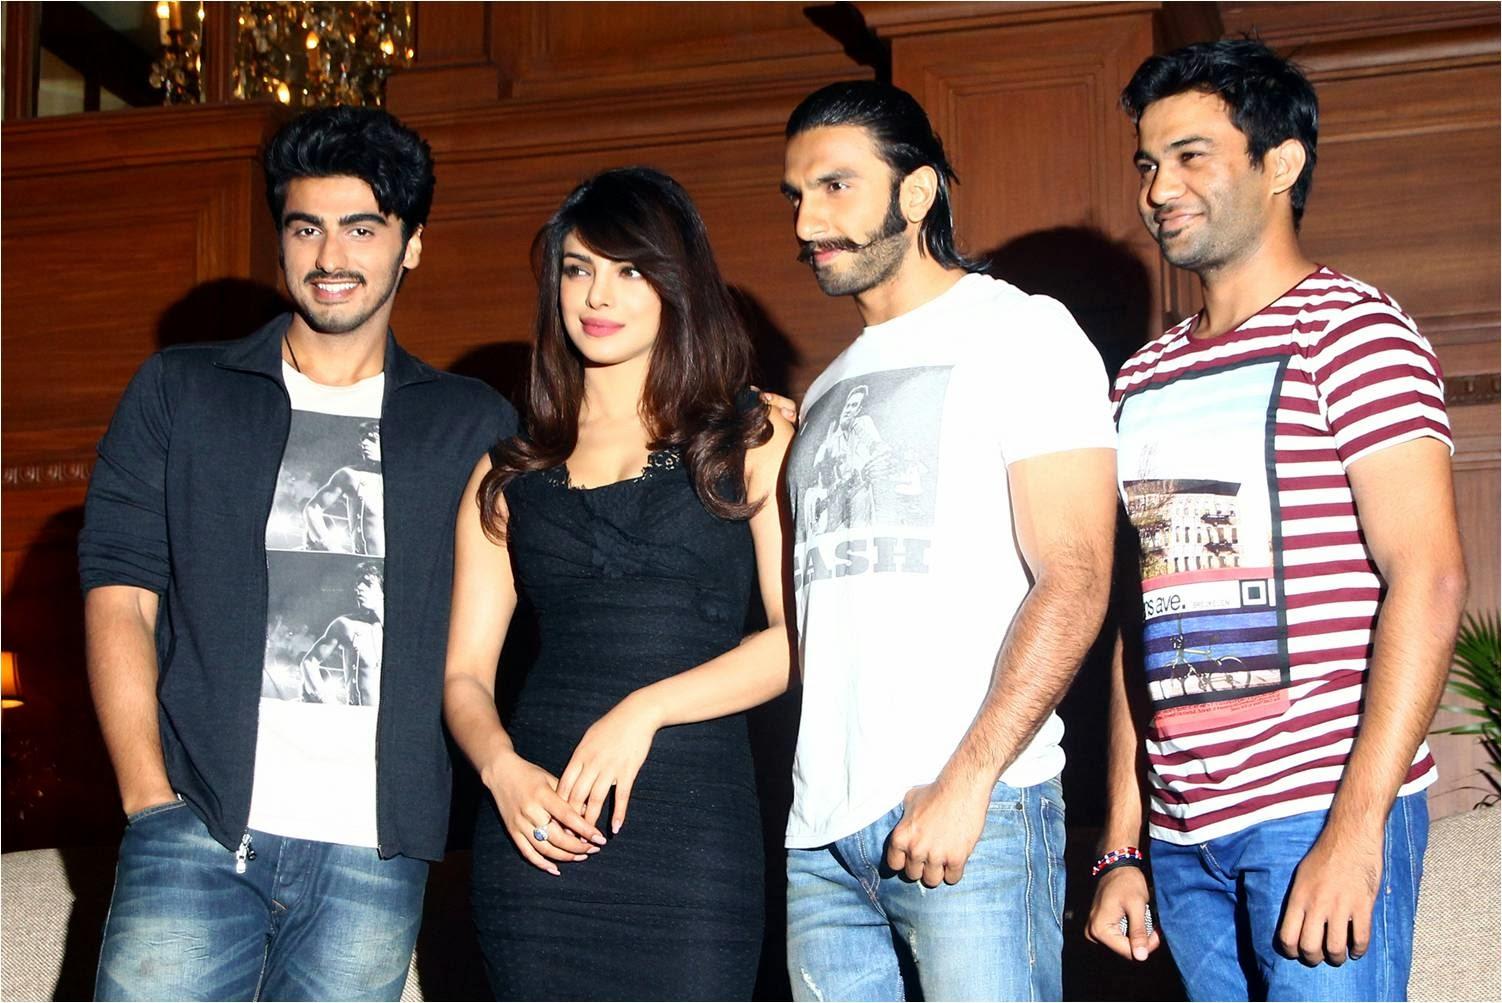 Gunday movie stars Arjun Kapoor, Priyanka Chopra and Ranveer Singh together